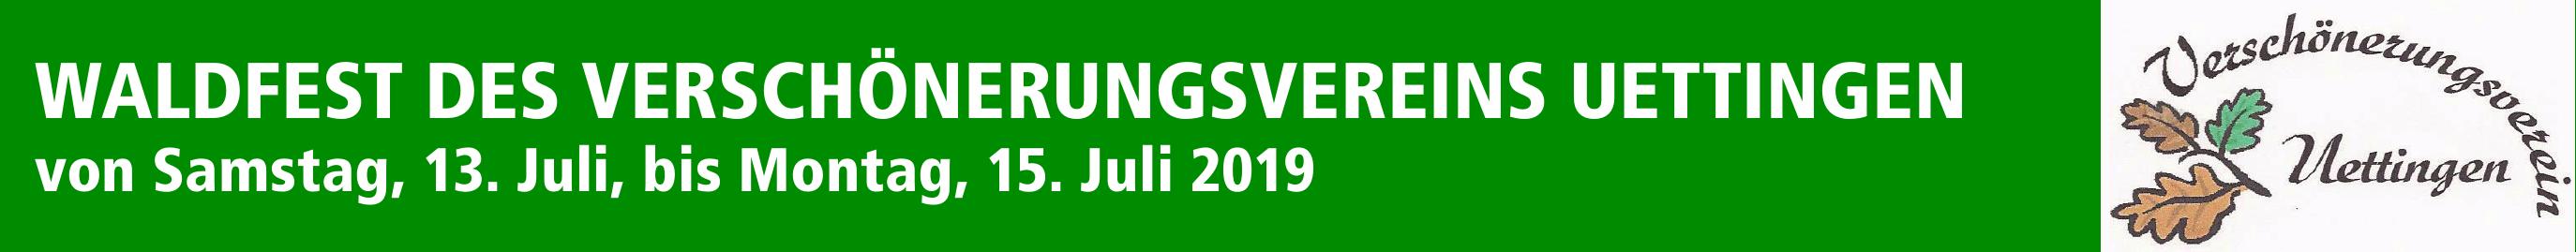 Waldfest des Verschönerungsvereins Uettingen Image 1